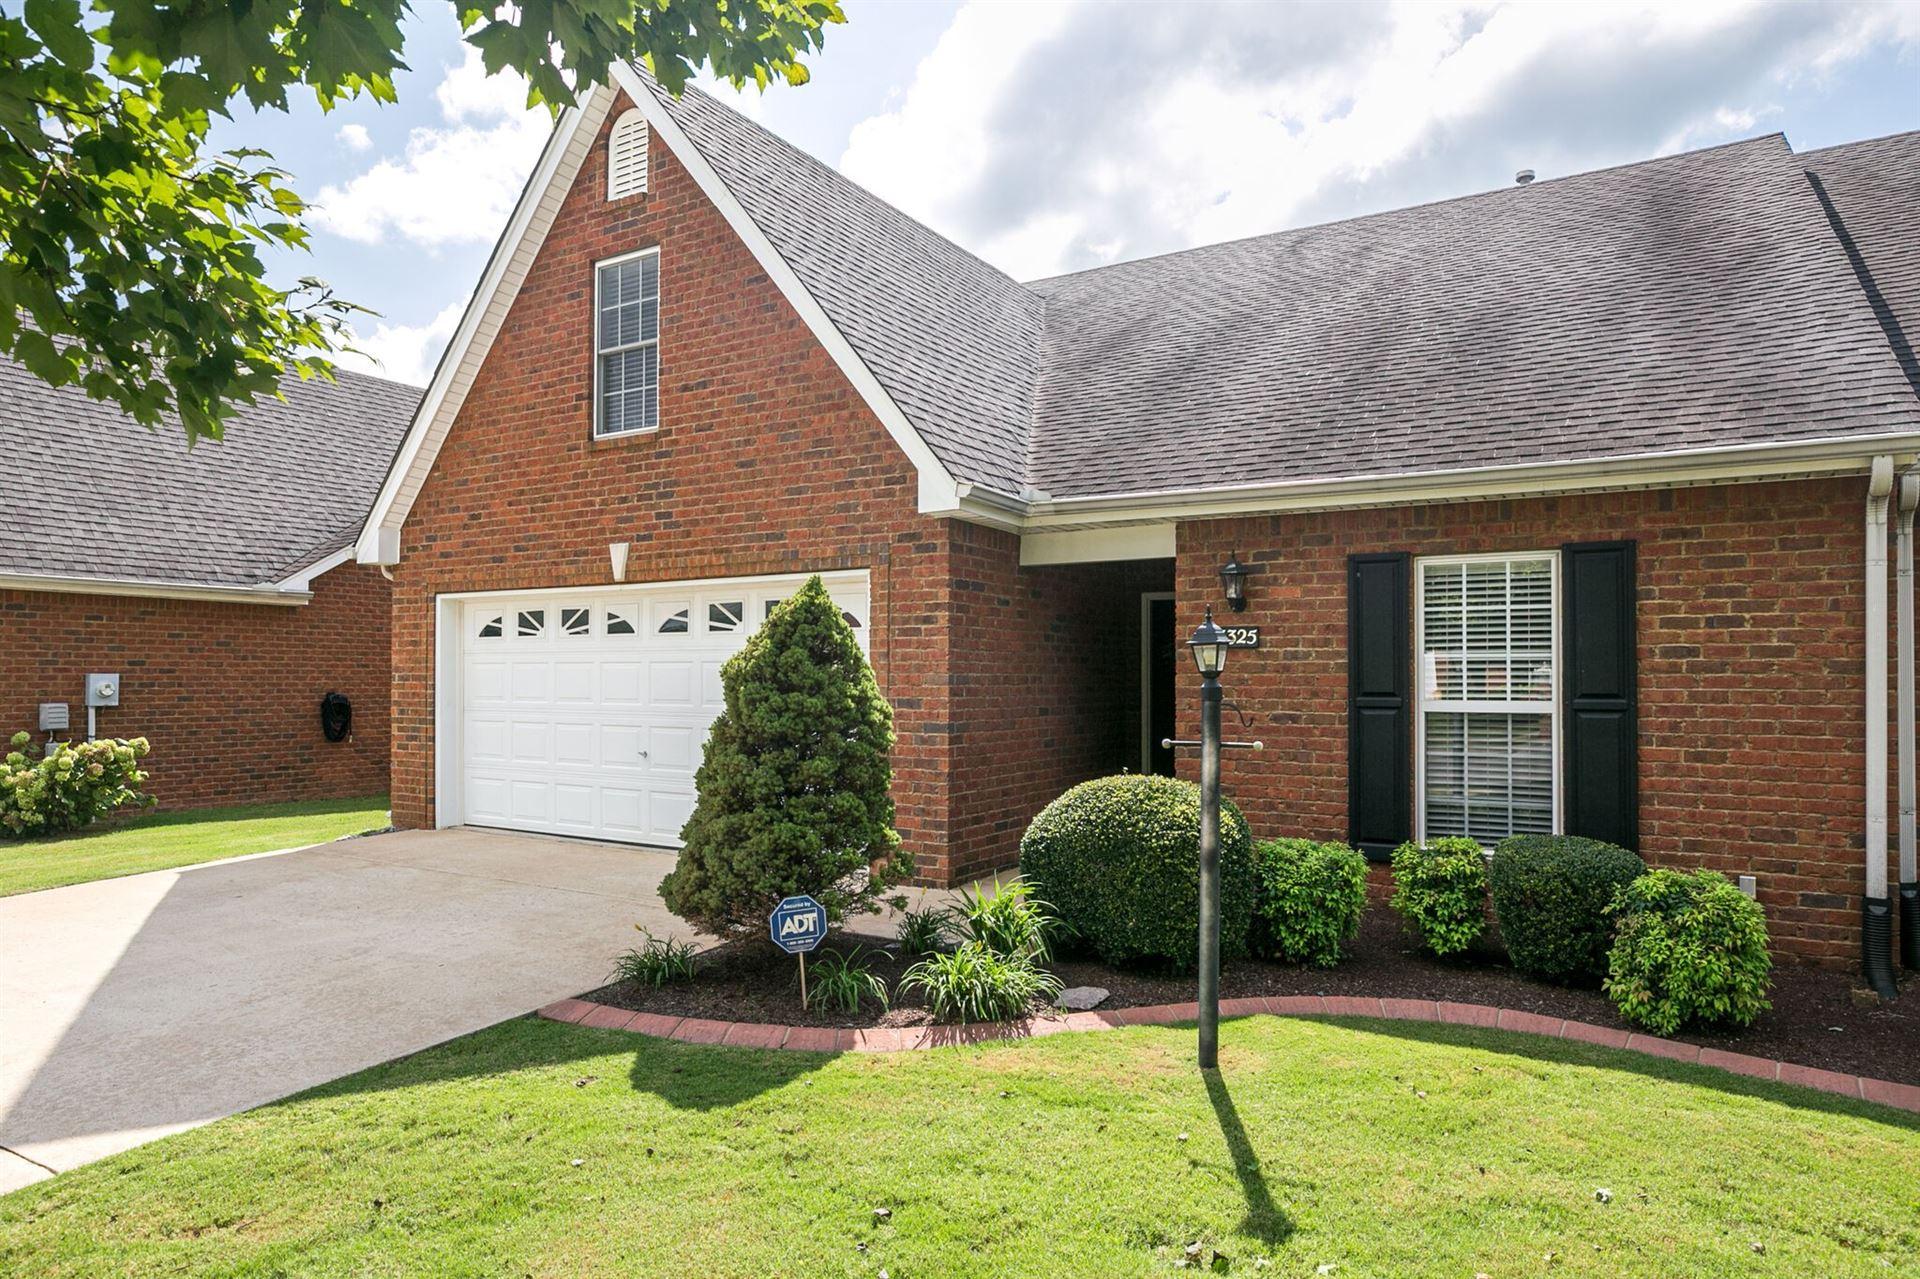 3325 Mershon Dr, Murfreesboro, TN 37128 - MLS#: 2190972